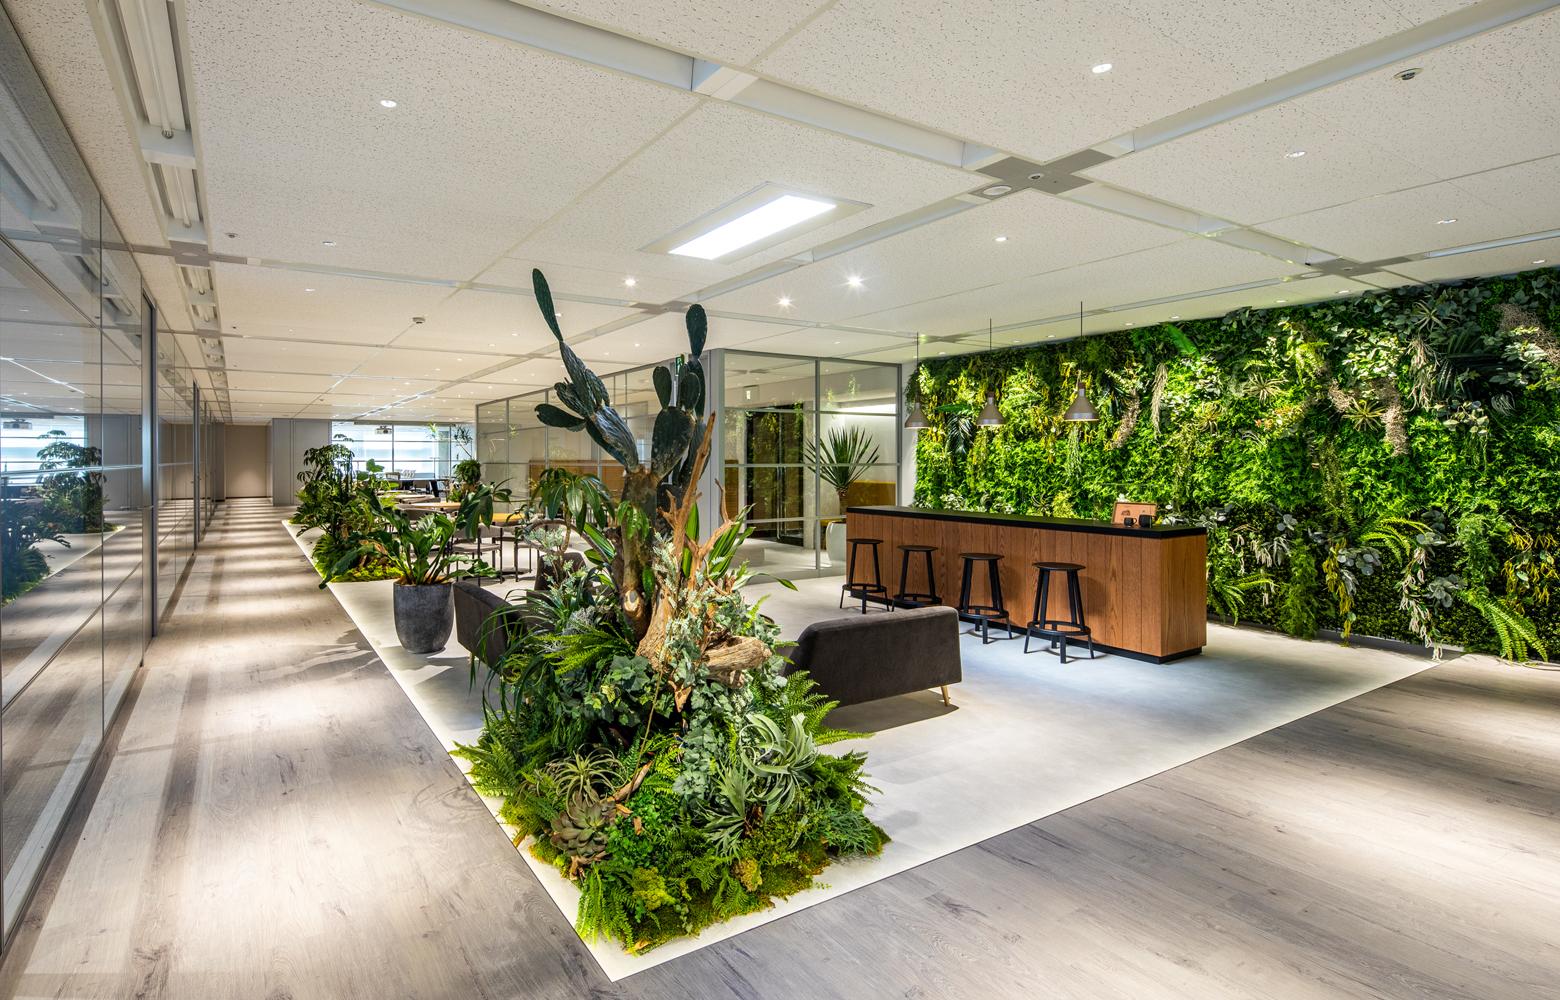 キリンエンジニアリング株式会社 Work Lounge デザイン・レイアウト事例